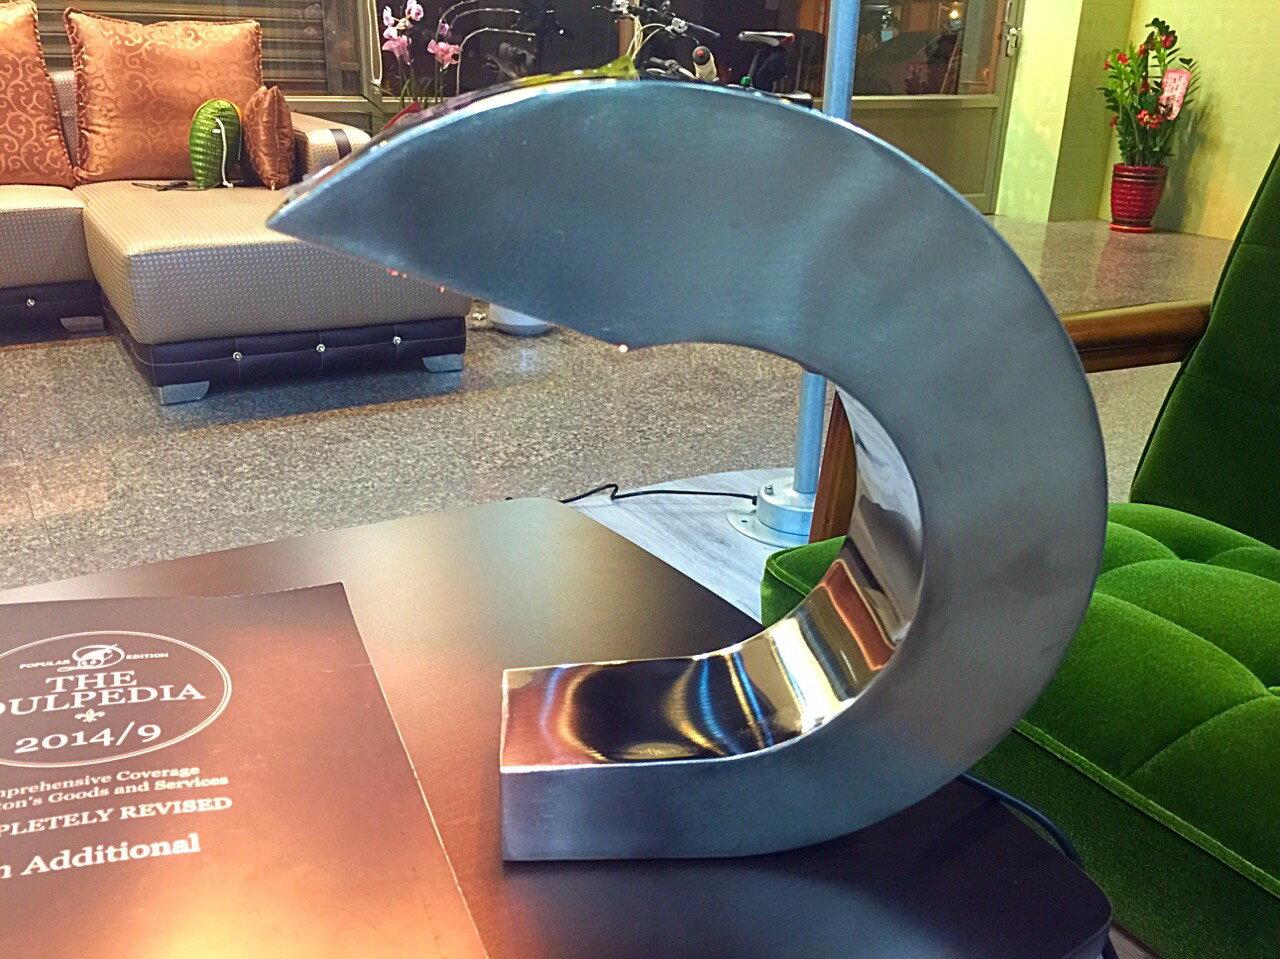 【日本-DULTON】鋁製C型桌燈 / 床頭燈-造型特殊、美觀,既可當桌燈,又可作為點綴用燈,讓您的居家因這盞燈,點亮不一樣的風味 0